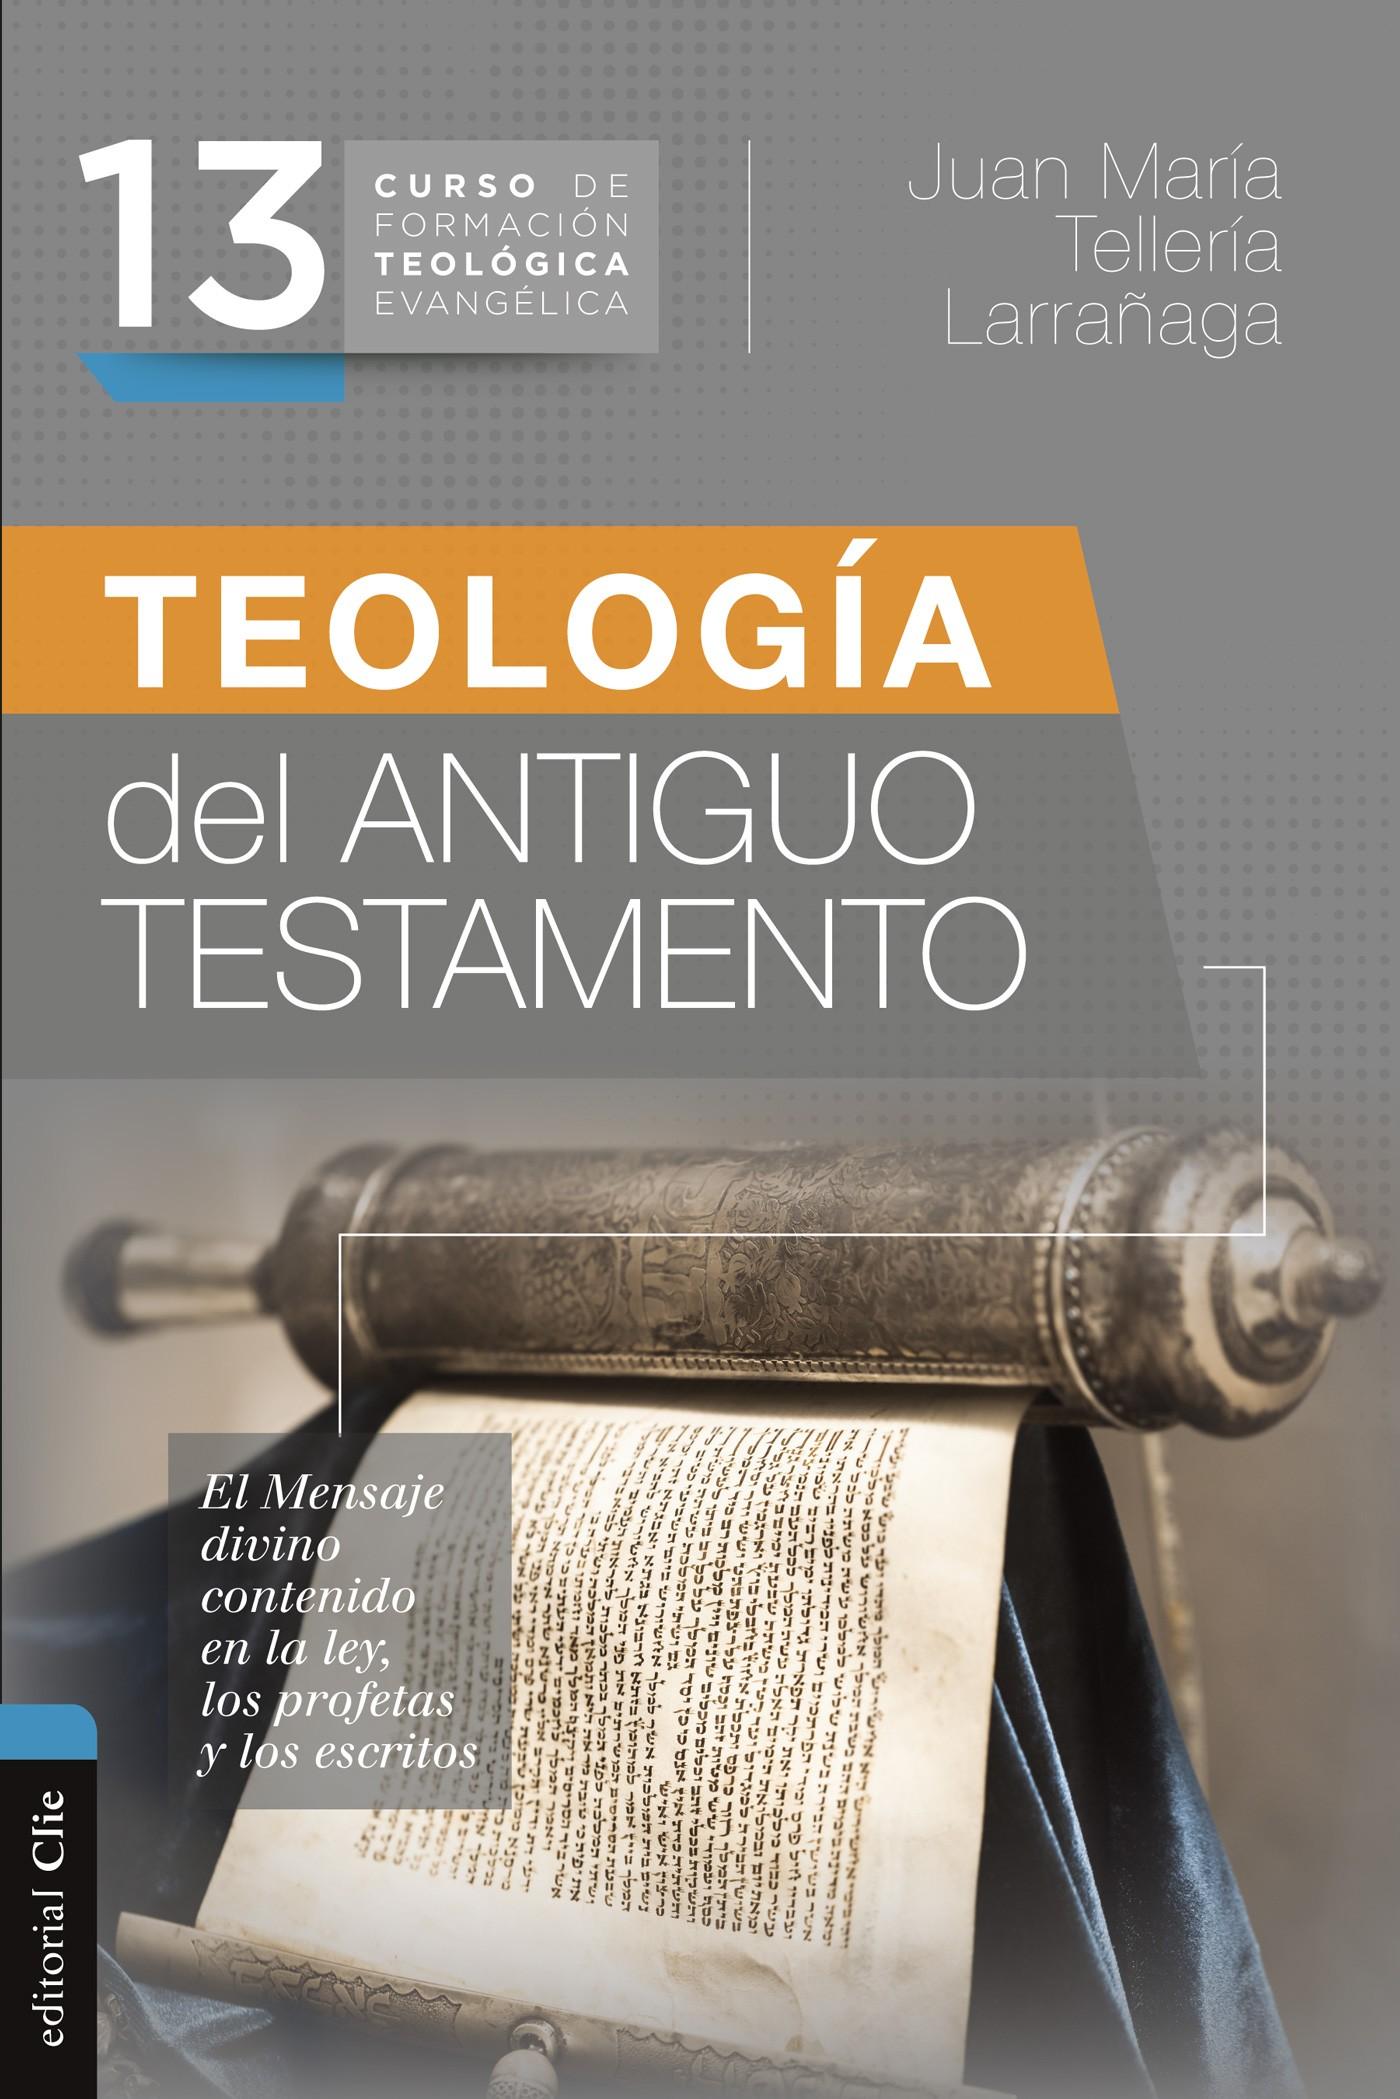 Teología del Antiguo Testamento